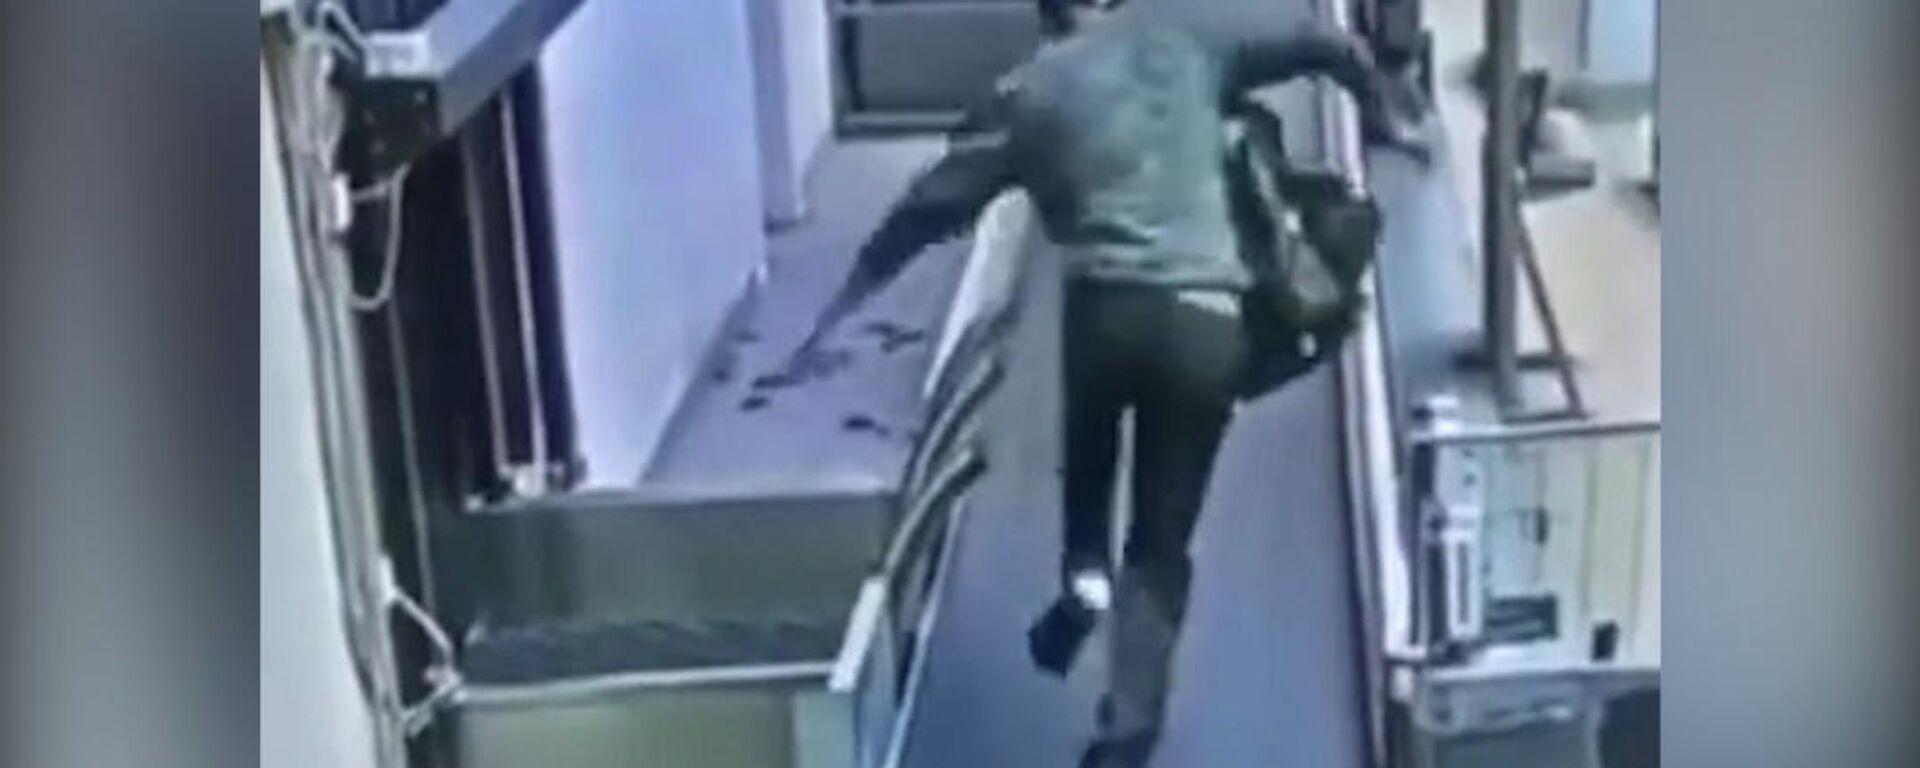 """Μεθυσμένος σε αεροδρόμιο βρίσκει καλή ιδέα να πάει """"βόλτα"""" στον κυλιόμενο διάδρομο με τις αποσκευές - Sputnik Ελλάδα, 1920, 12.08.2021"""